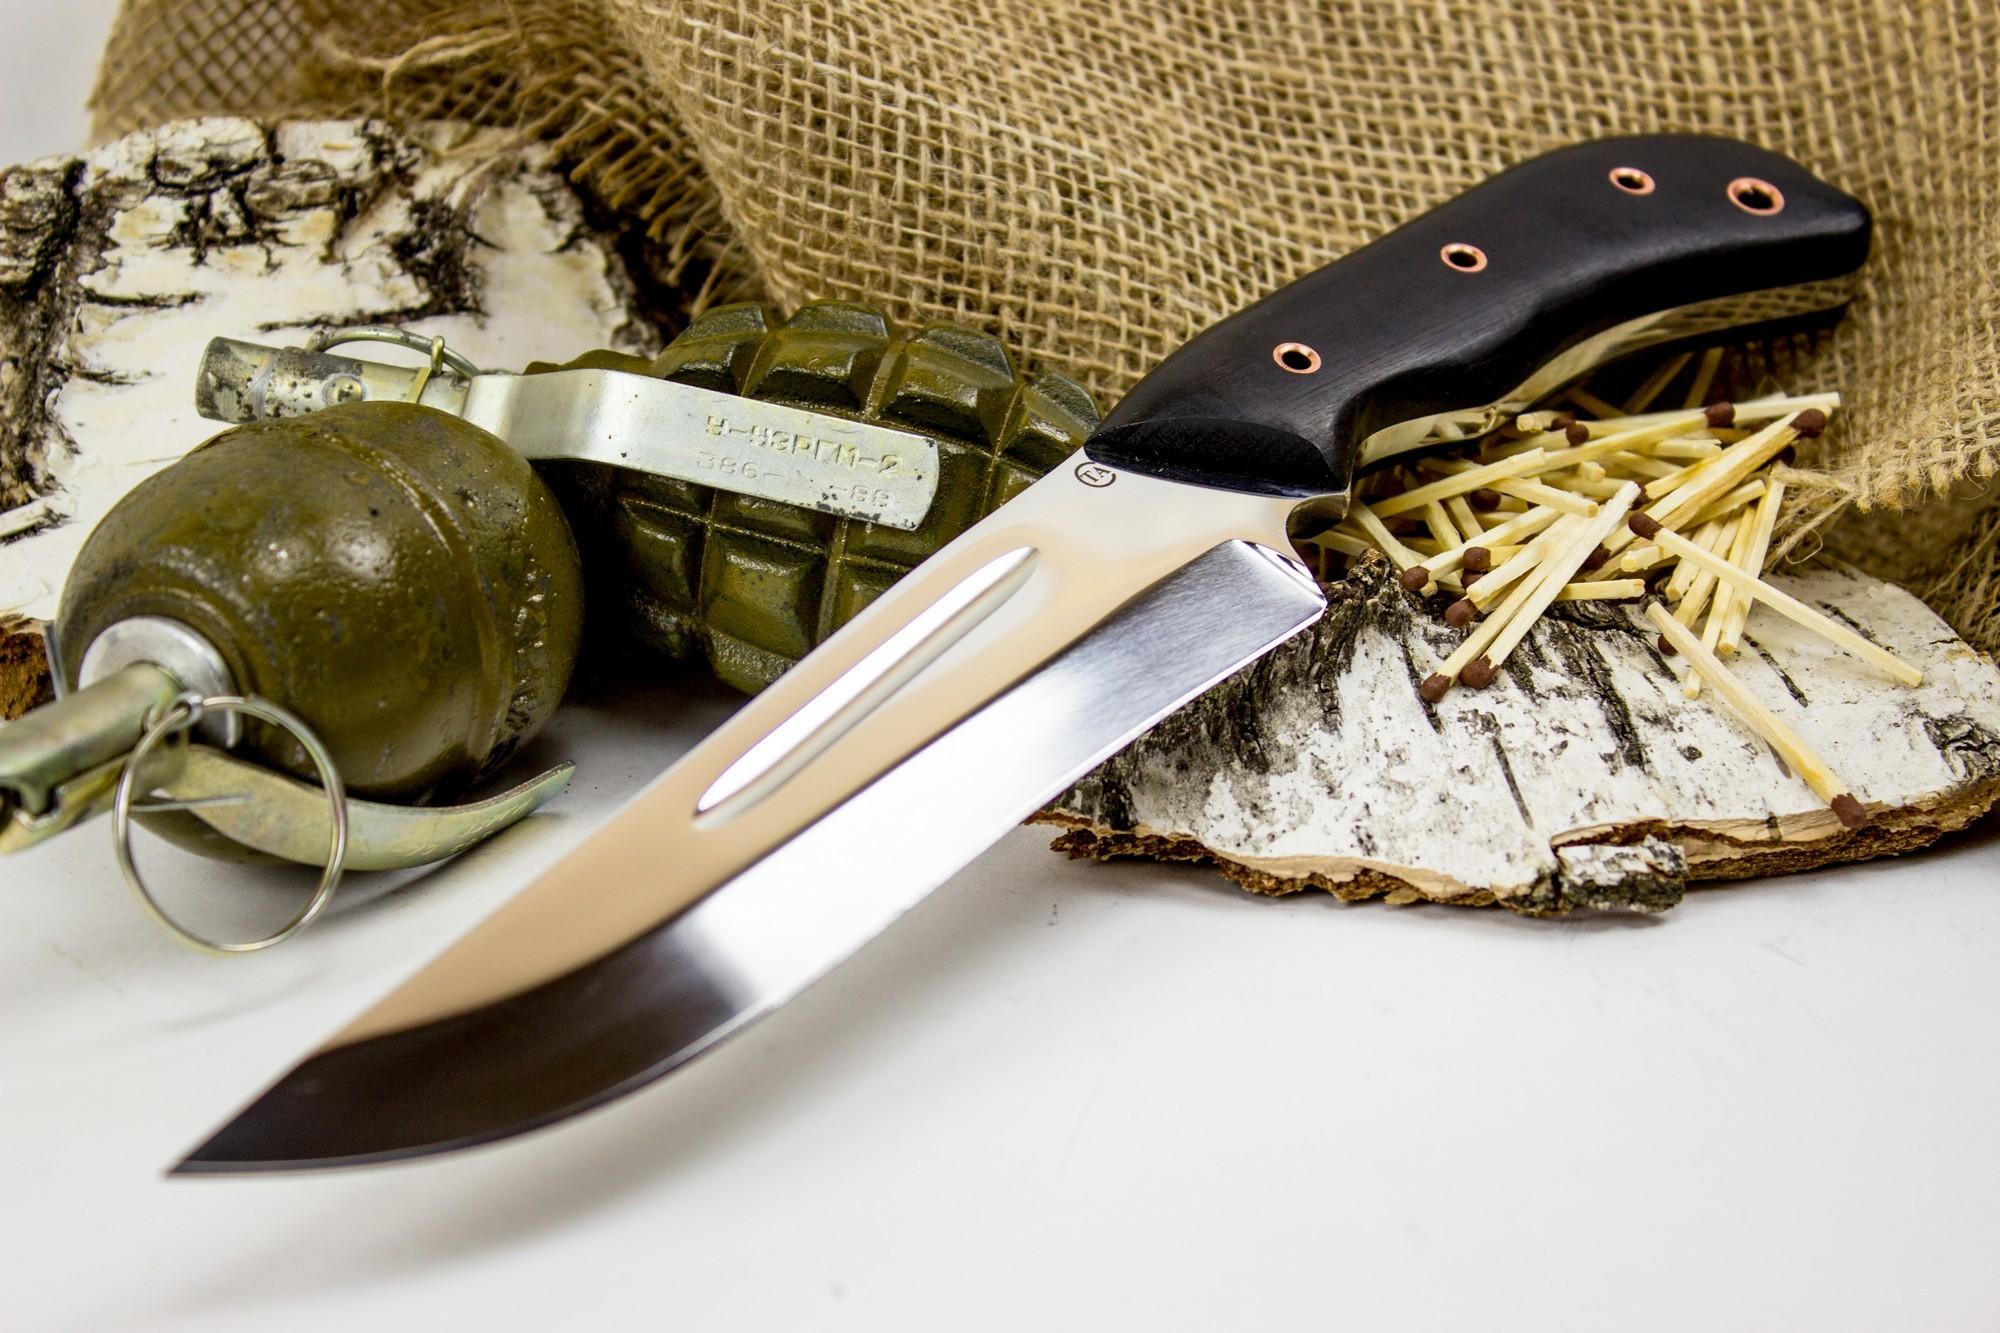 Фото 6 - Нож Гарпун-1, сталь 95х18, венге от Титов и Солдатова